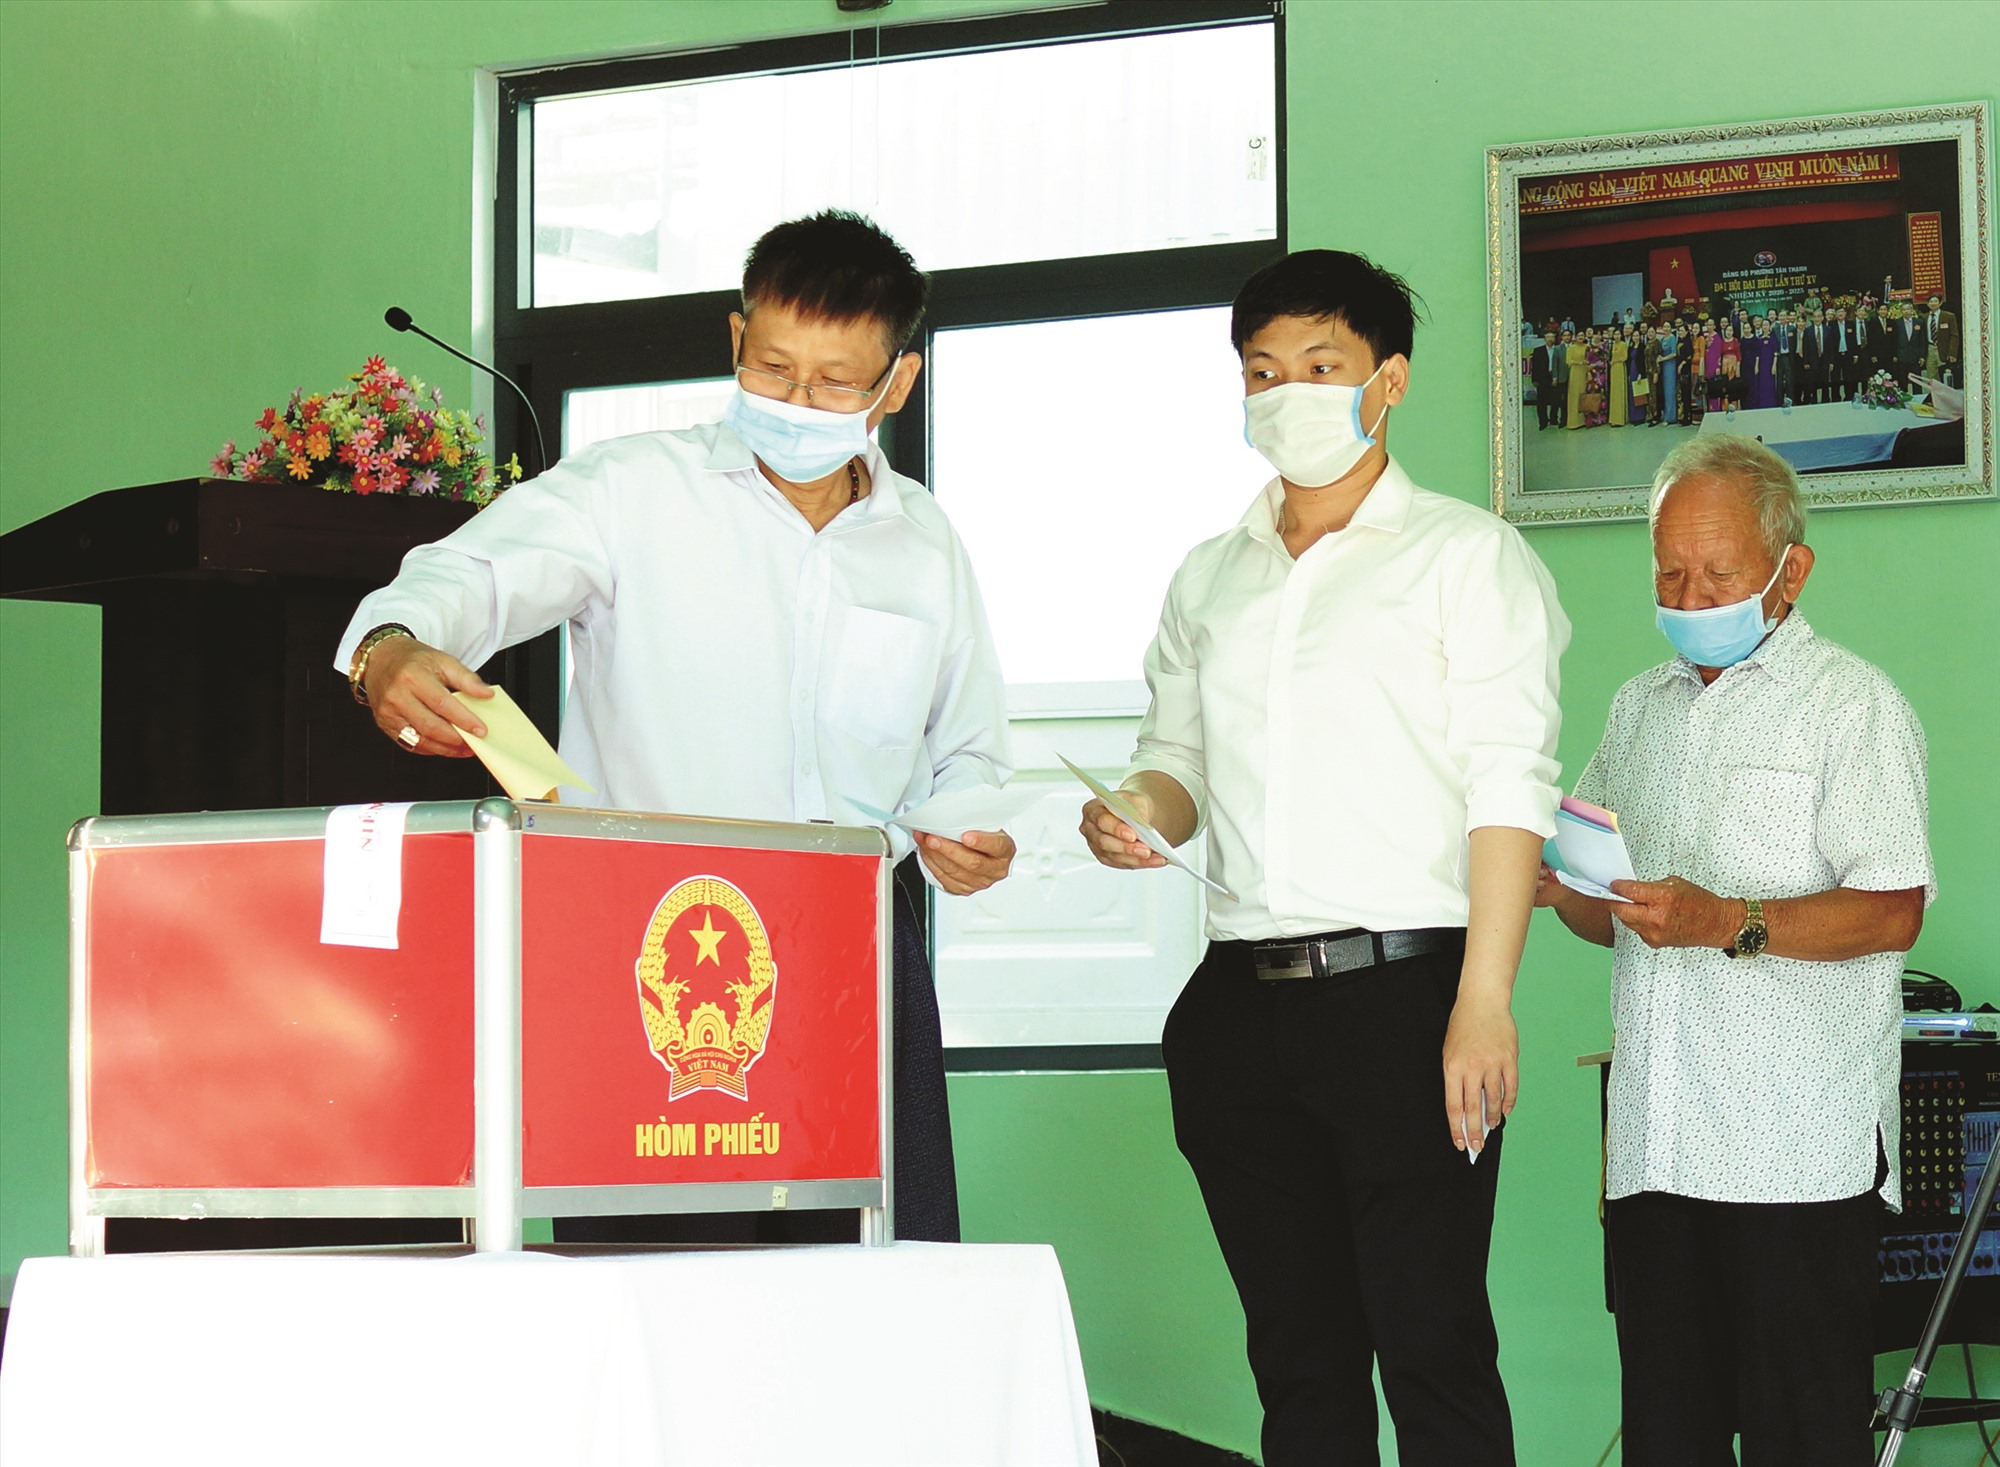 Với 1.177.072/1.177.335 cử tri tham gia bầu cử - Quảng Nam thuộc tốp địa phương có tỷ lệ cử tri đi bầu cao nhất của cả nước. Ảnh: PHƯƠNG THẢO